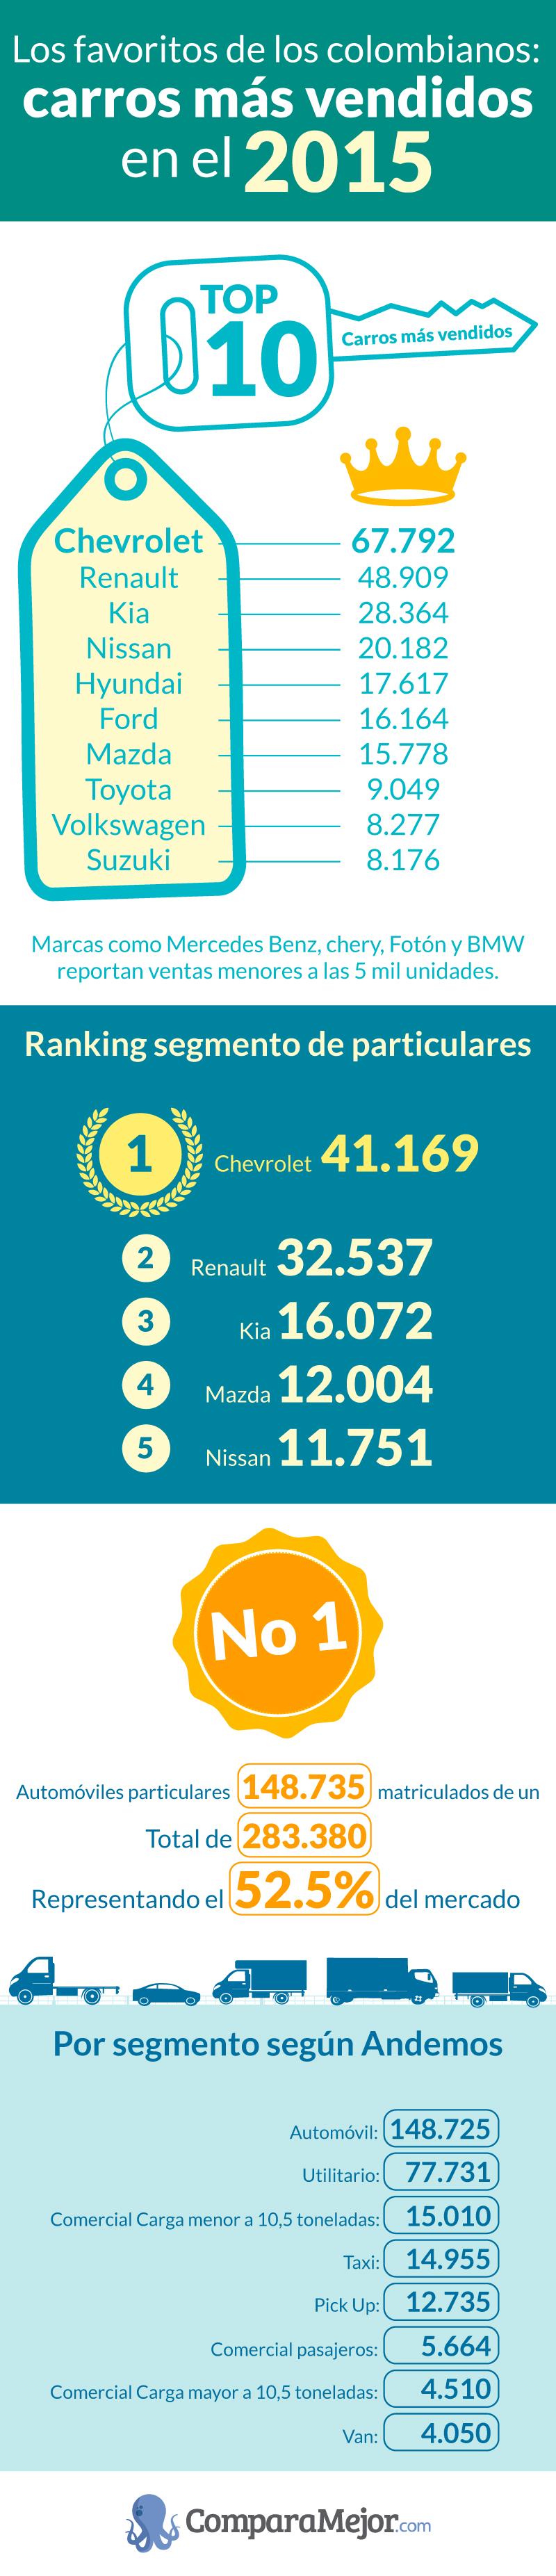 Los carros más vendidos en Colombia en el 2015